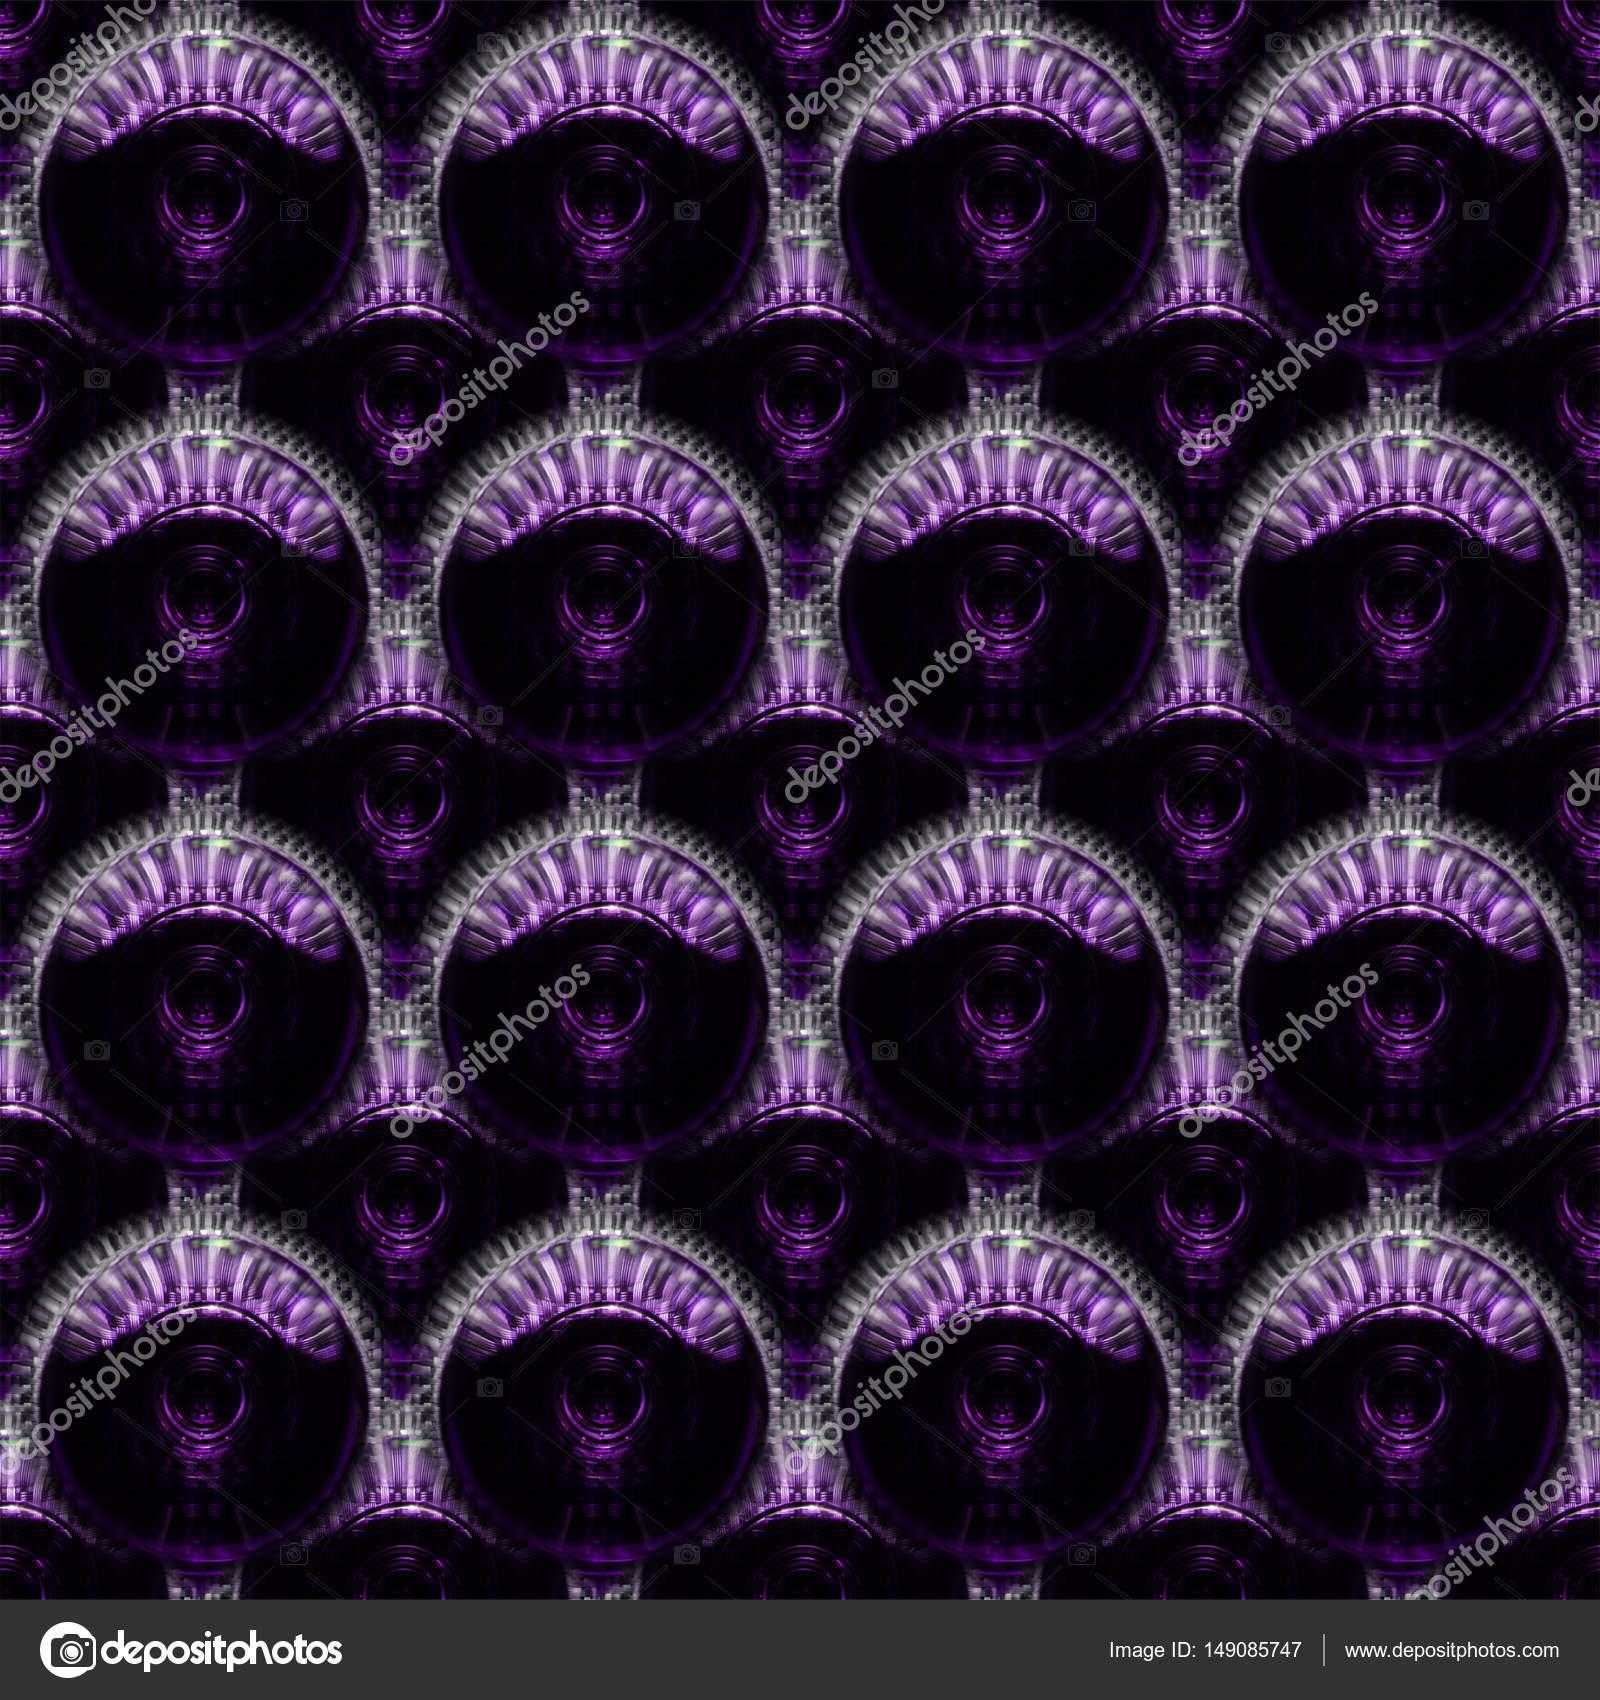 カラー サークル 背景やテクスチャ壁紙抽象円アート ストック写真 C Zeferli Gmail Com 149085747